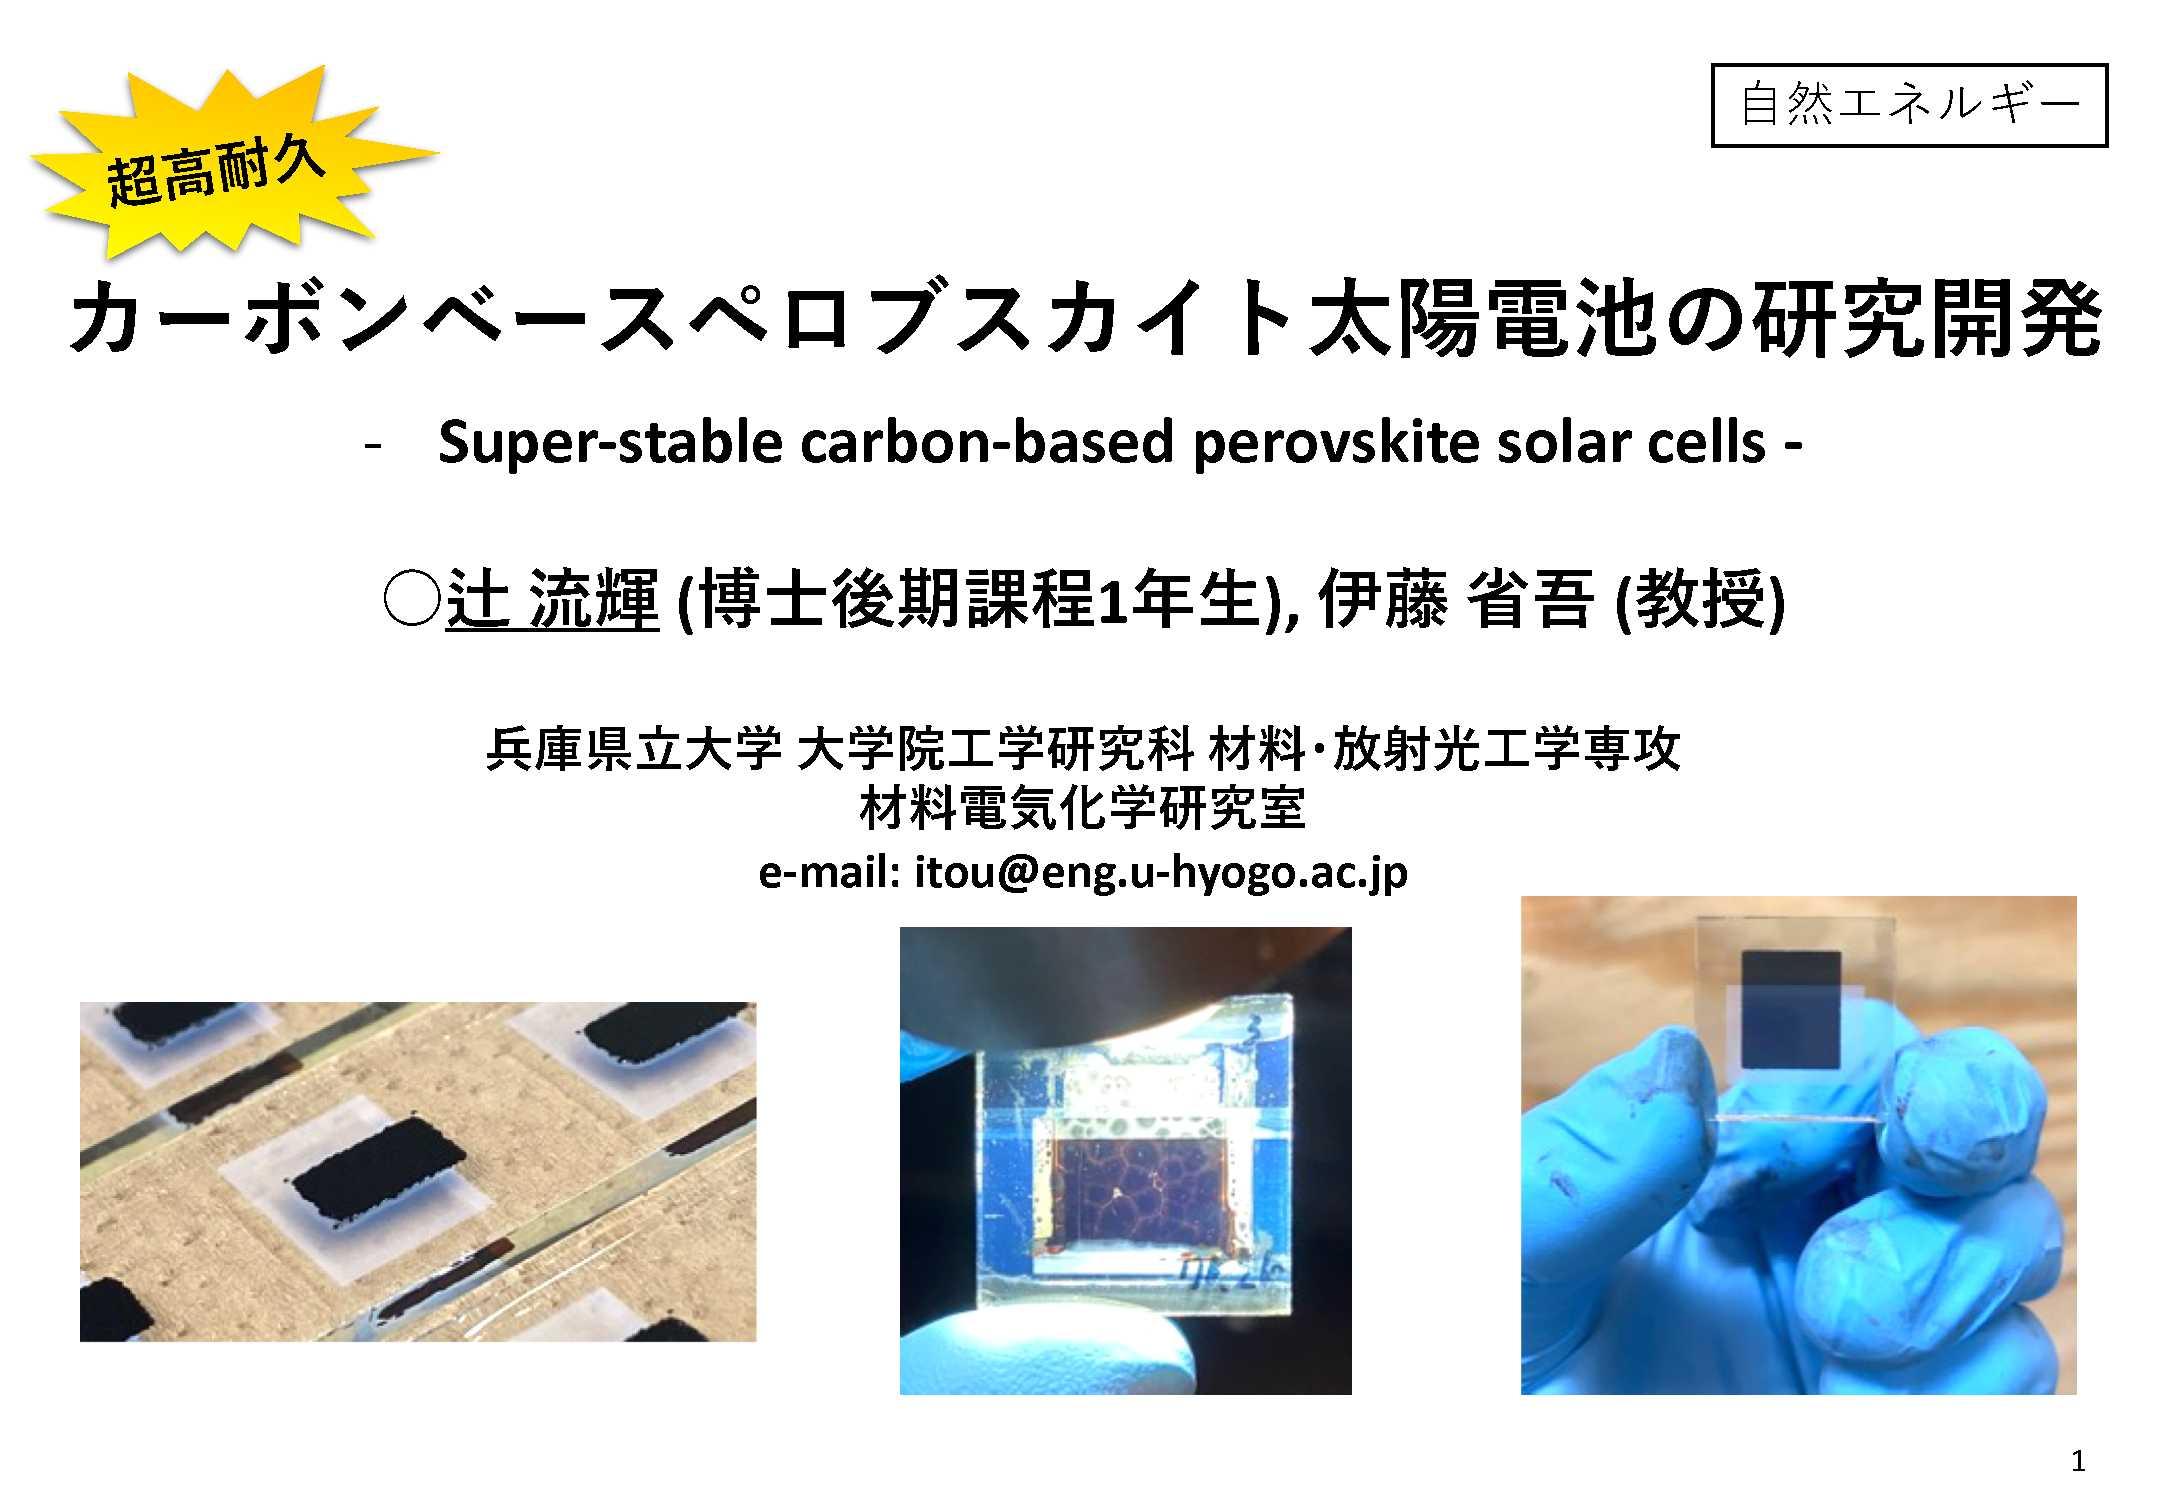 22. 超高耐久カーボンベースペロブスカイト太陽電池の研究開発